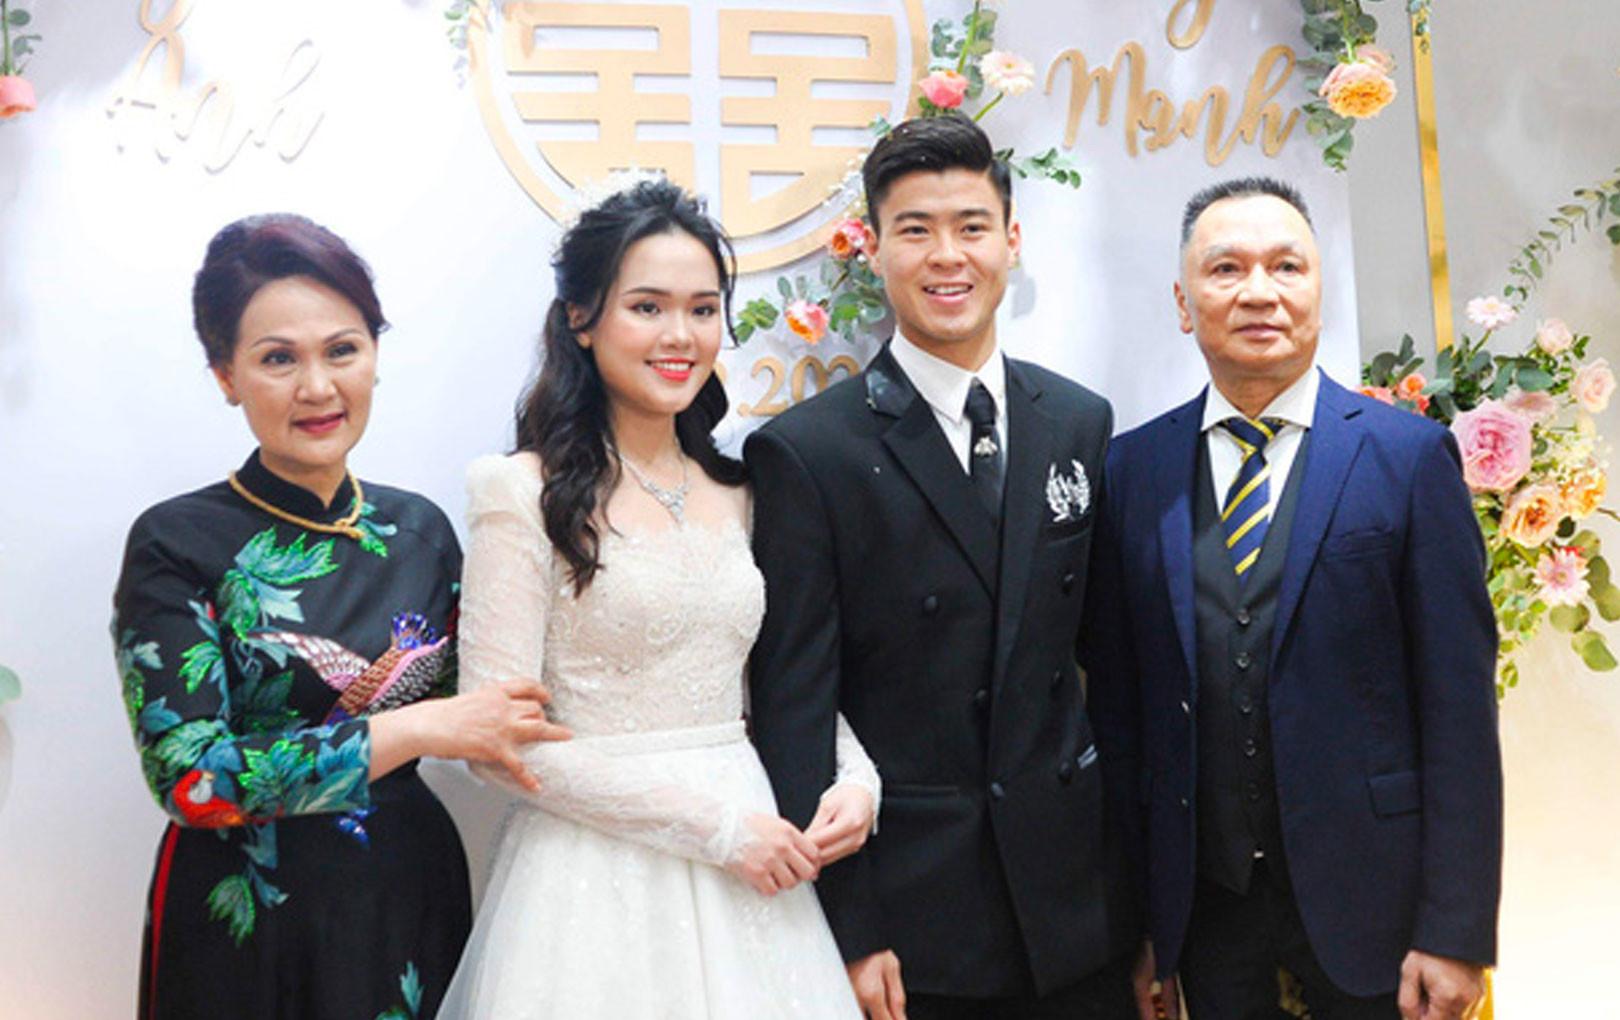 Thần thái phu nhân cựu chủ tịch CLB Sài Gòn làm dân tình tấm tắc: Mẹ đẹp và sang thế này bảo sao Quỳnh Anh không xinh